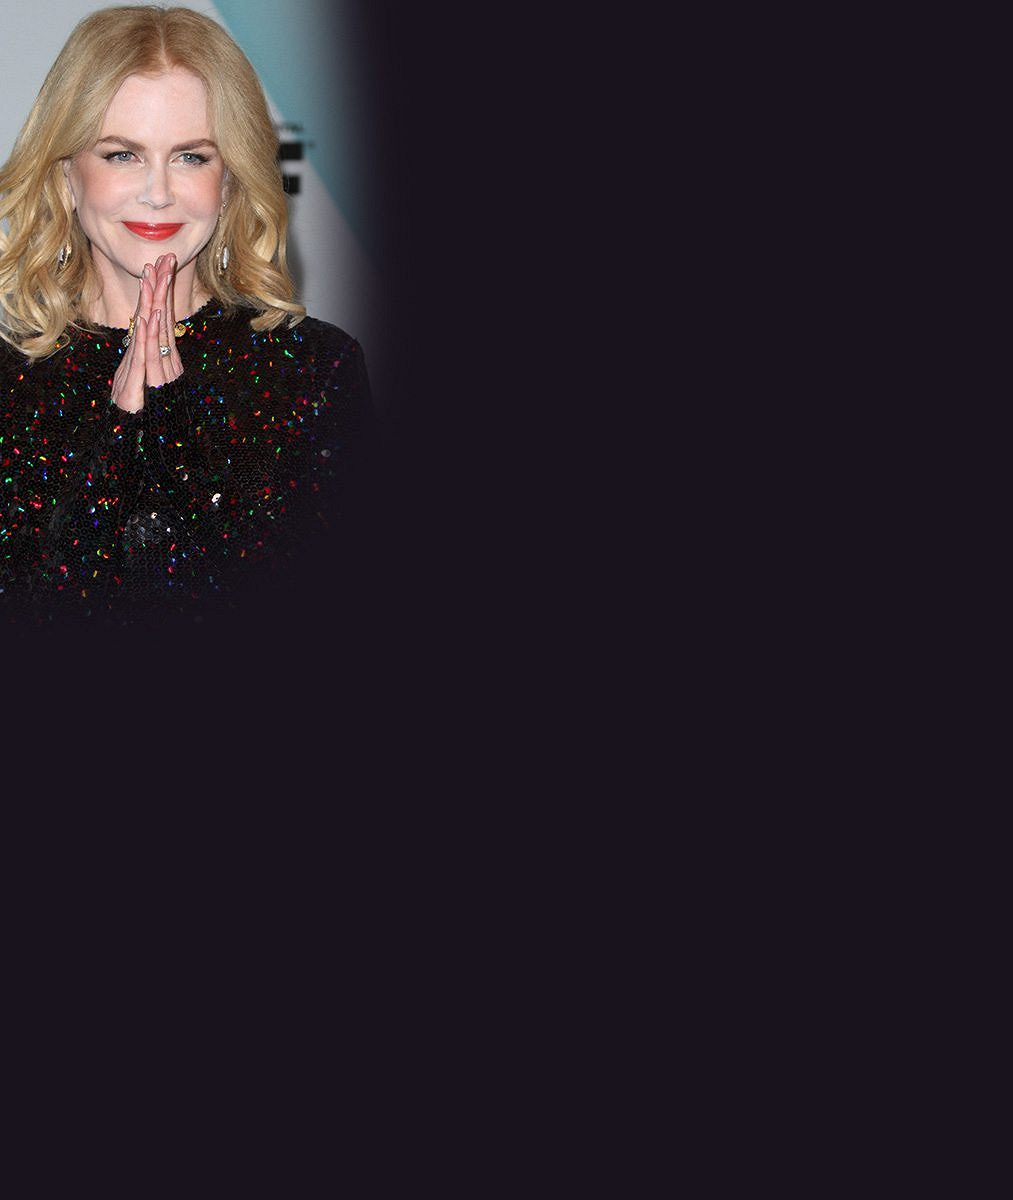 Nepoučila se? Nicole Kidman ajejí opět flekatý make-up